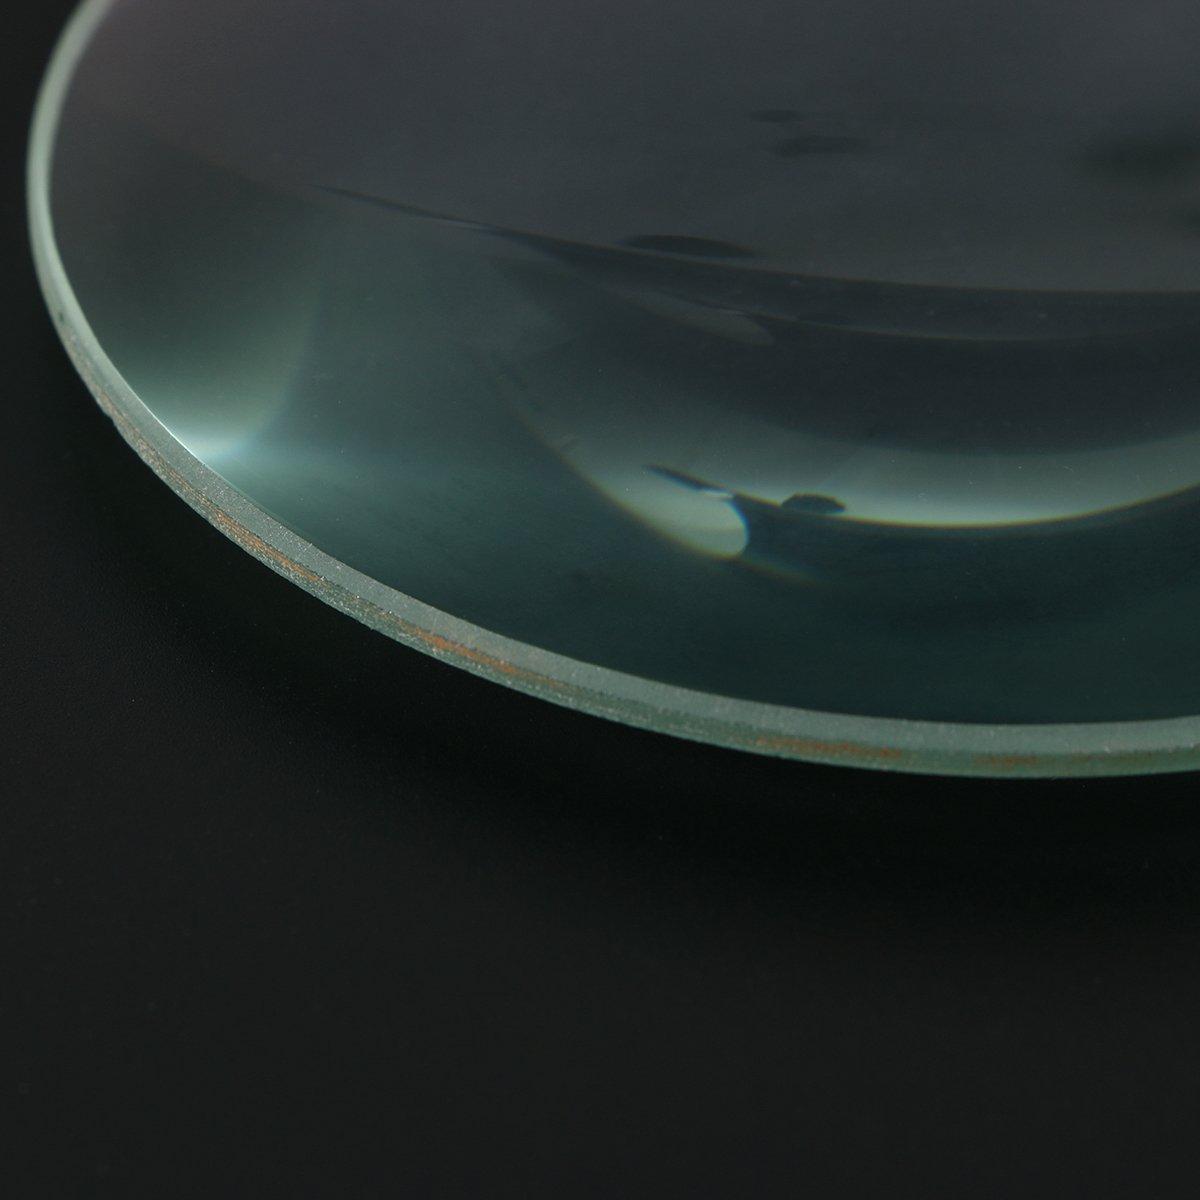 UEETEK Lente convexa,lente de cristal convexa doble de la longitud focal del di/ámetro de los 10cm 300m m para el experimento de los laboratorios